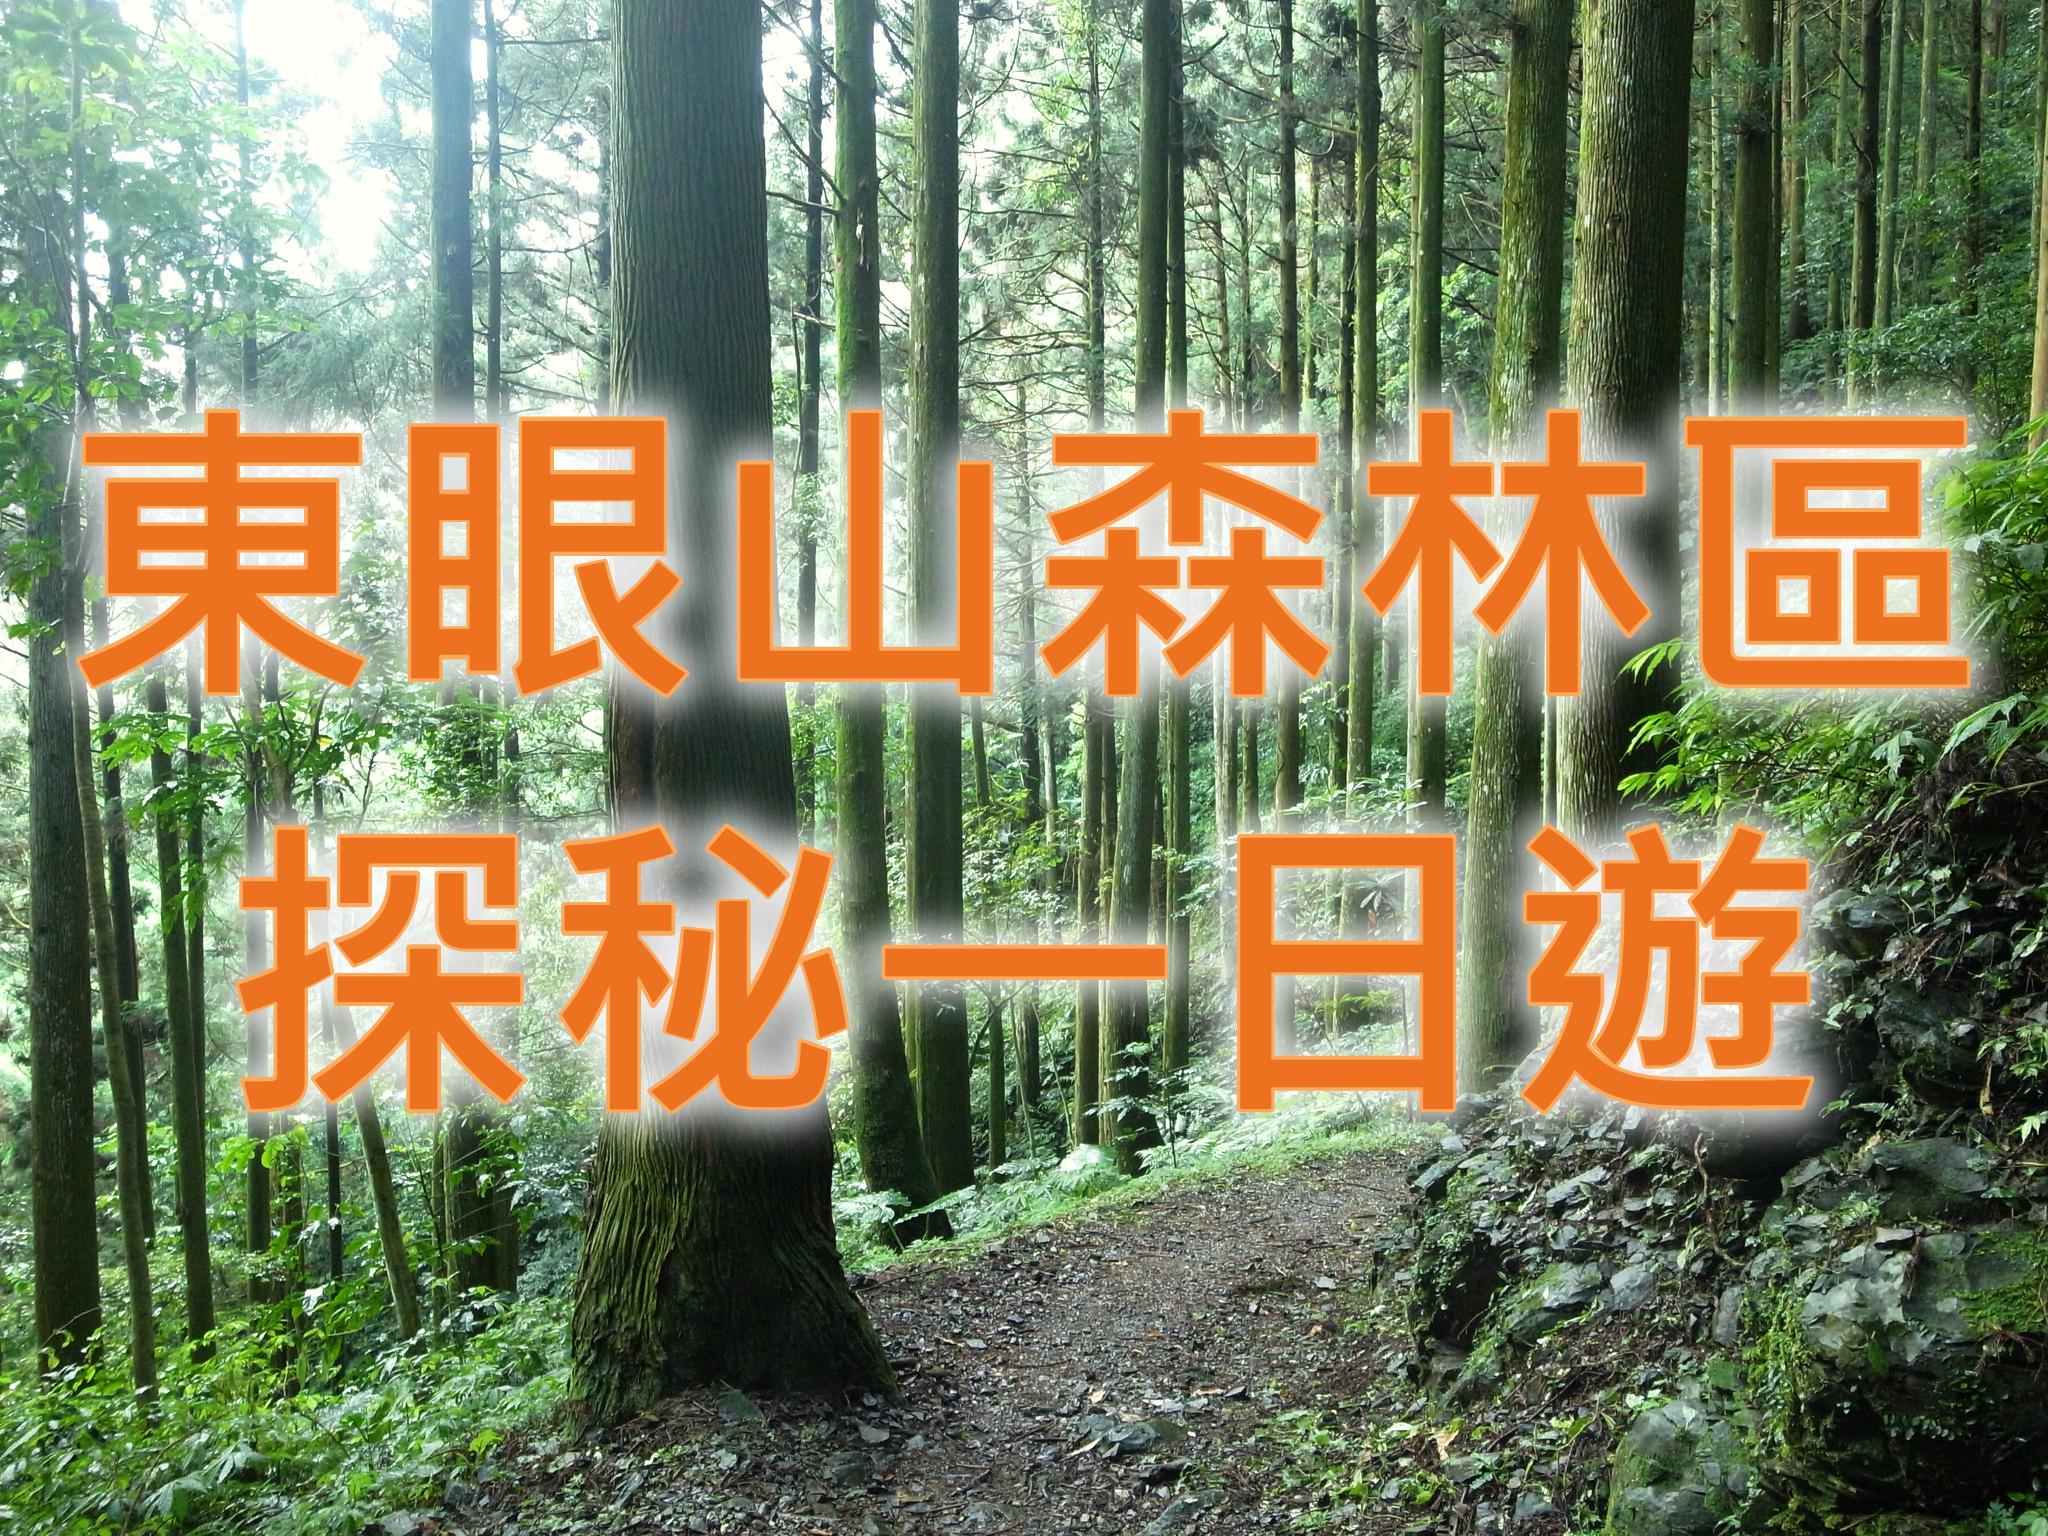 🌲【國家森林區】東眼森林溪遊記 桃園東眼山大溪一日遊(TYU12)